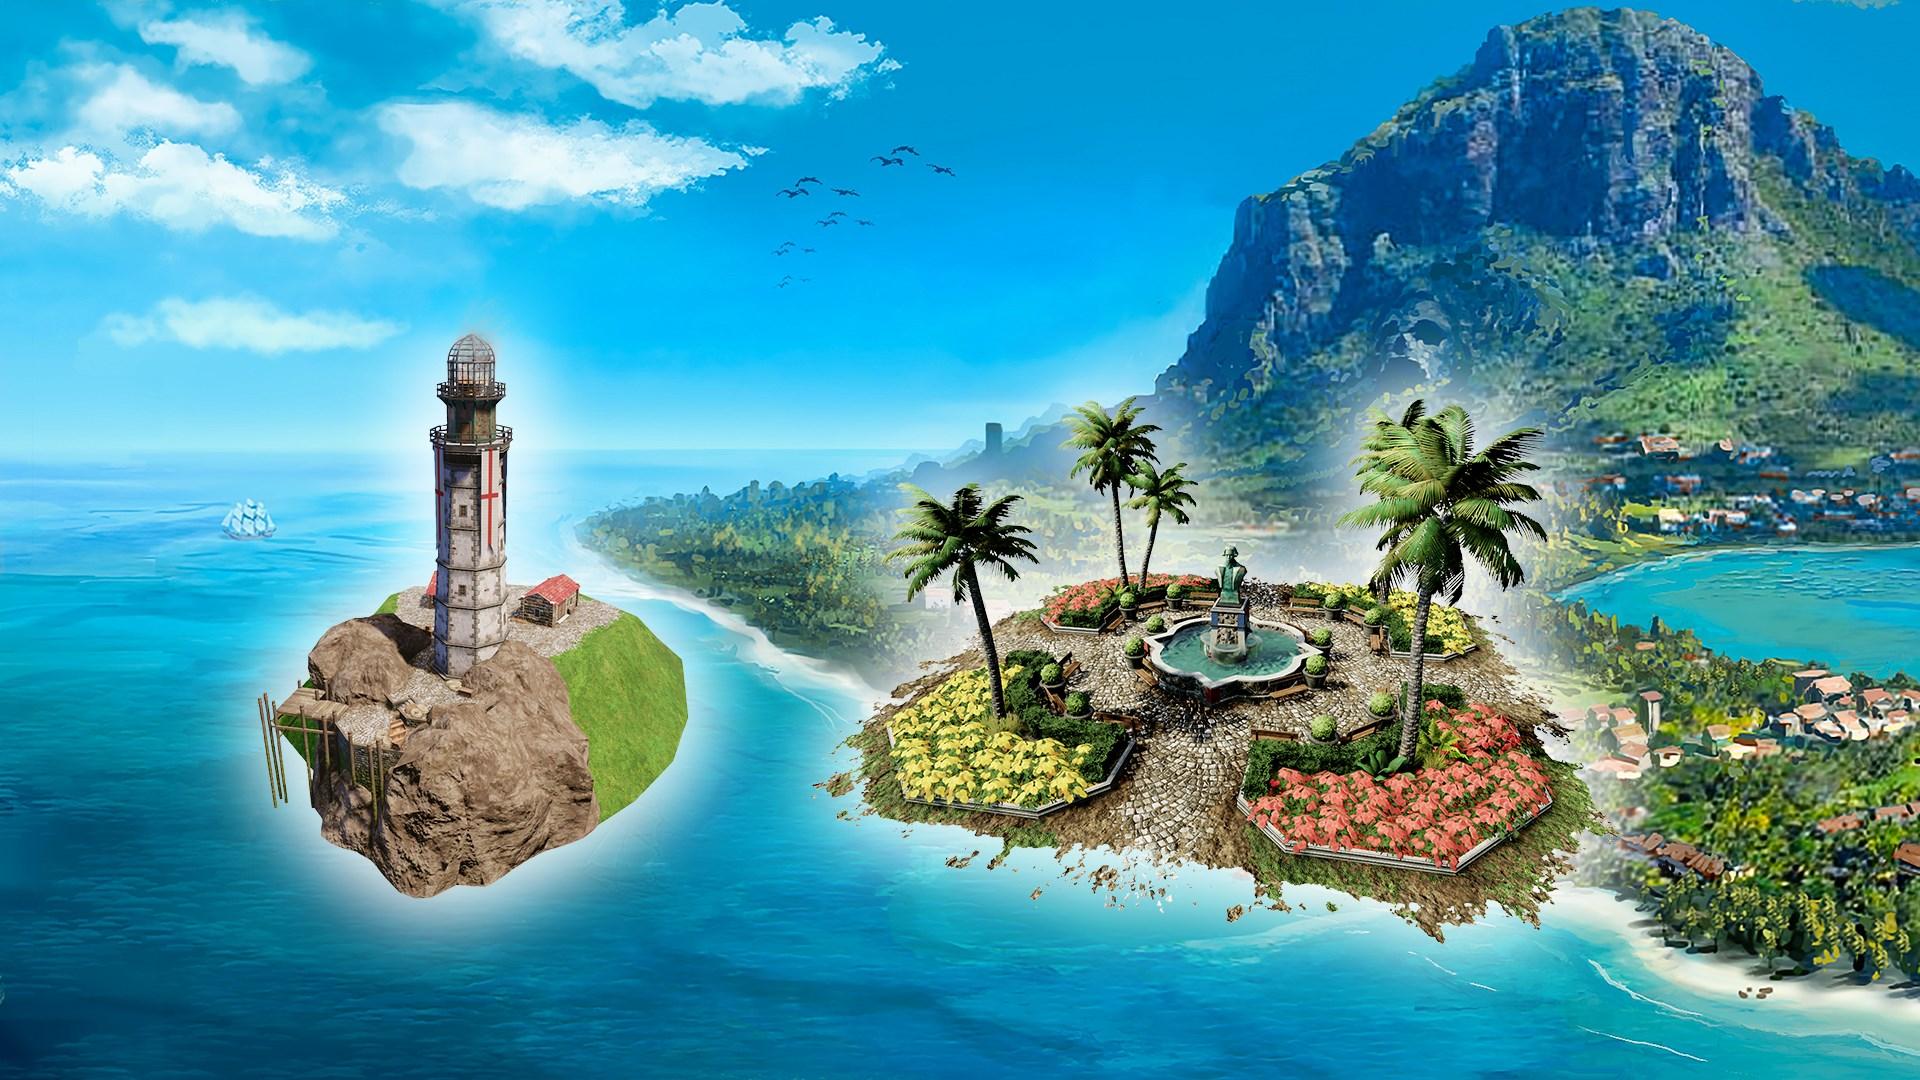 Port Royale 4 - Extended Edition Bonus Content